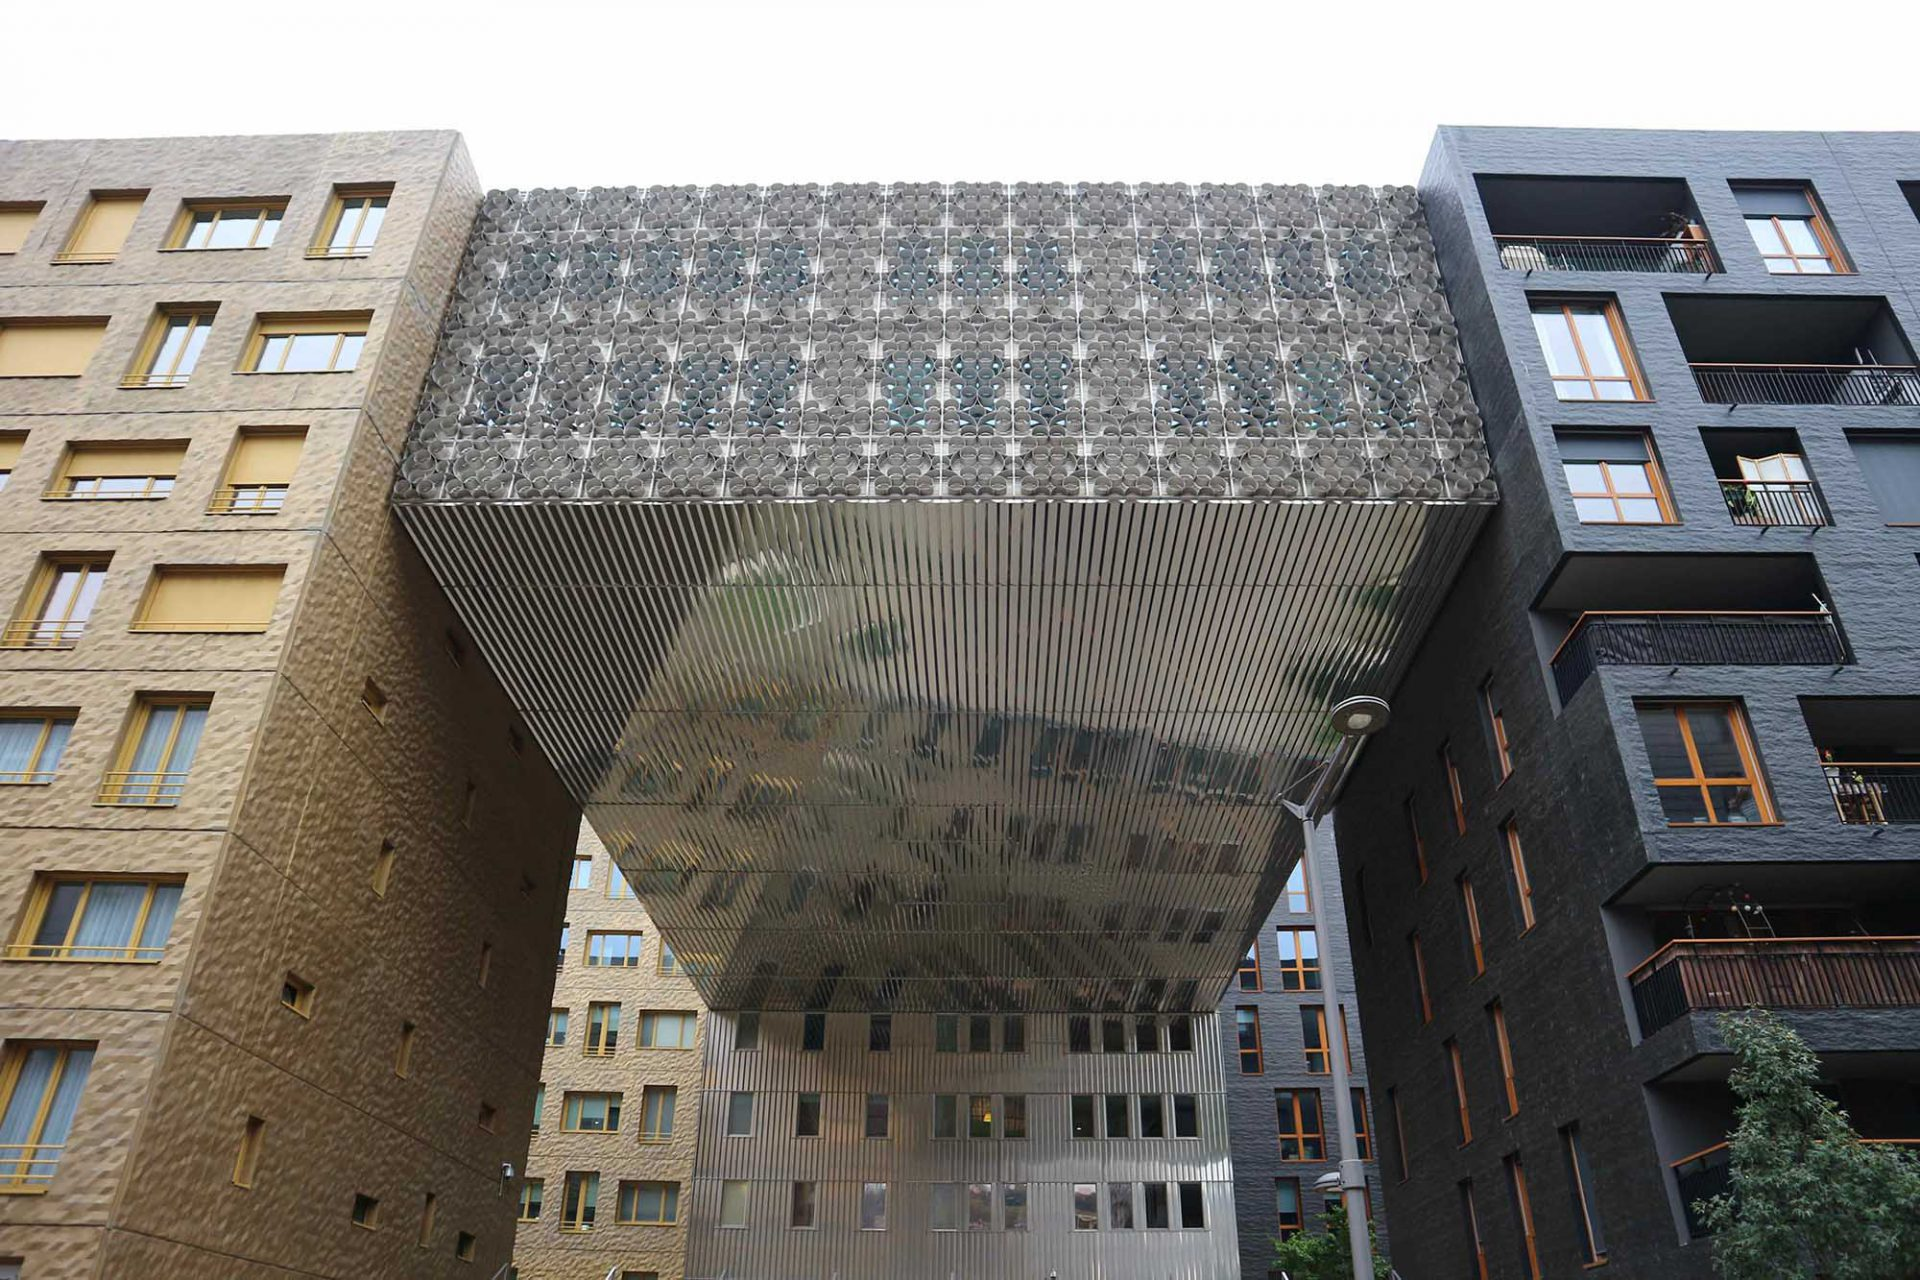 Le Monolithe. MVRDV gestaltete den Masterplan. Die einzelnen Gebäudeteile wurden von fünf verschiedenen Büros realisiert: MVRDV, Pierre Gautier, Manuelle Gautrand, ECDM und Erik van Egeraat. An diesem Ensemble zeigt sich exemplarisch, dass Confluence nicht nur der Showroom zeitgenössischer Architektur in Lyon darstellen soll, sondern, dass verschiedenste Denk- und Gestaltungsprinzipien zueinander finden können.